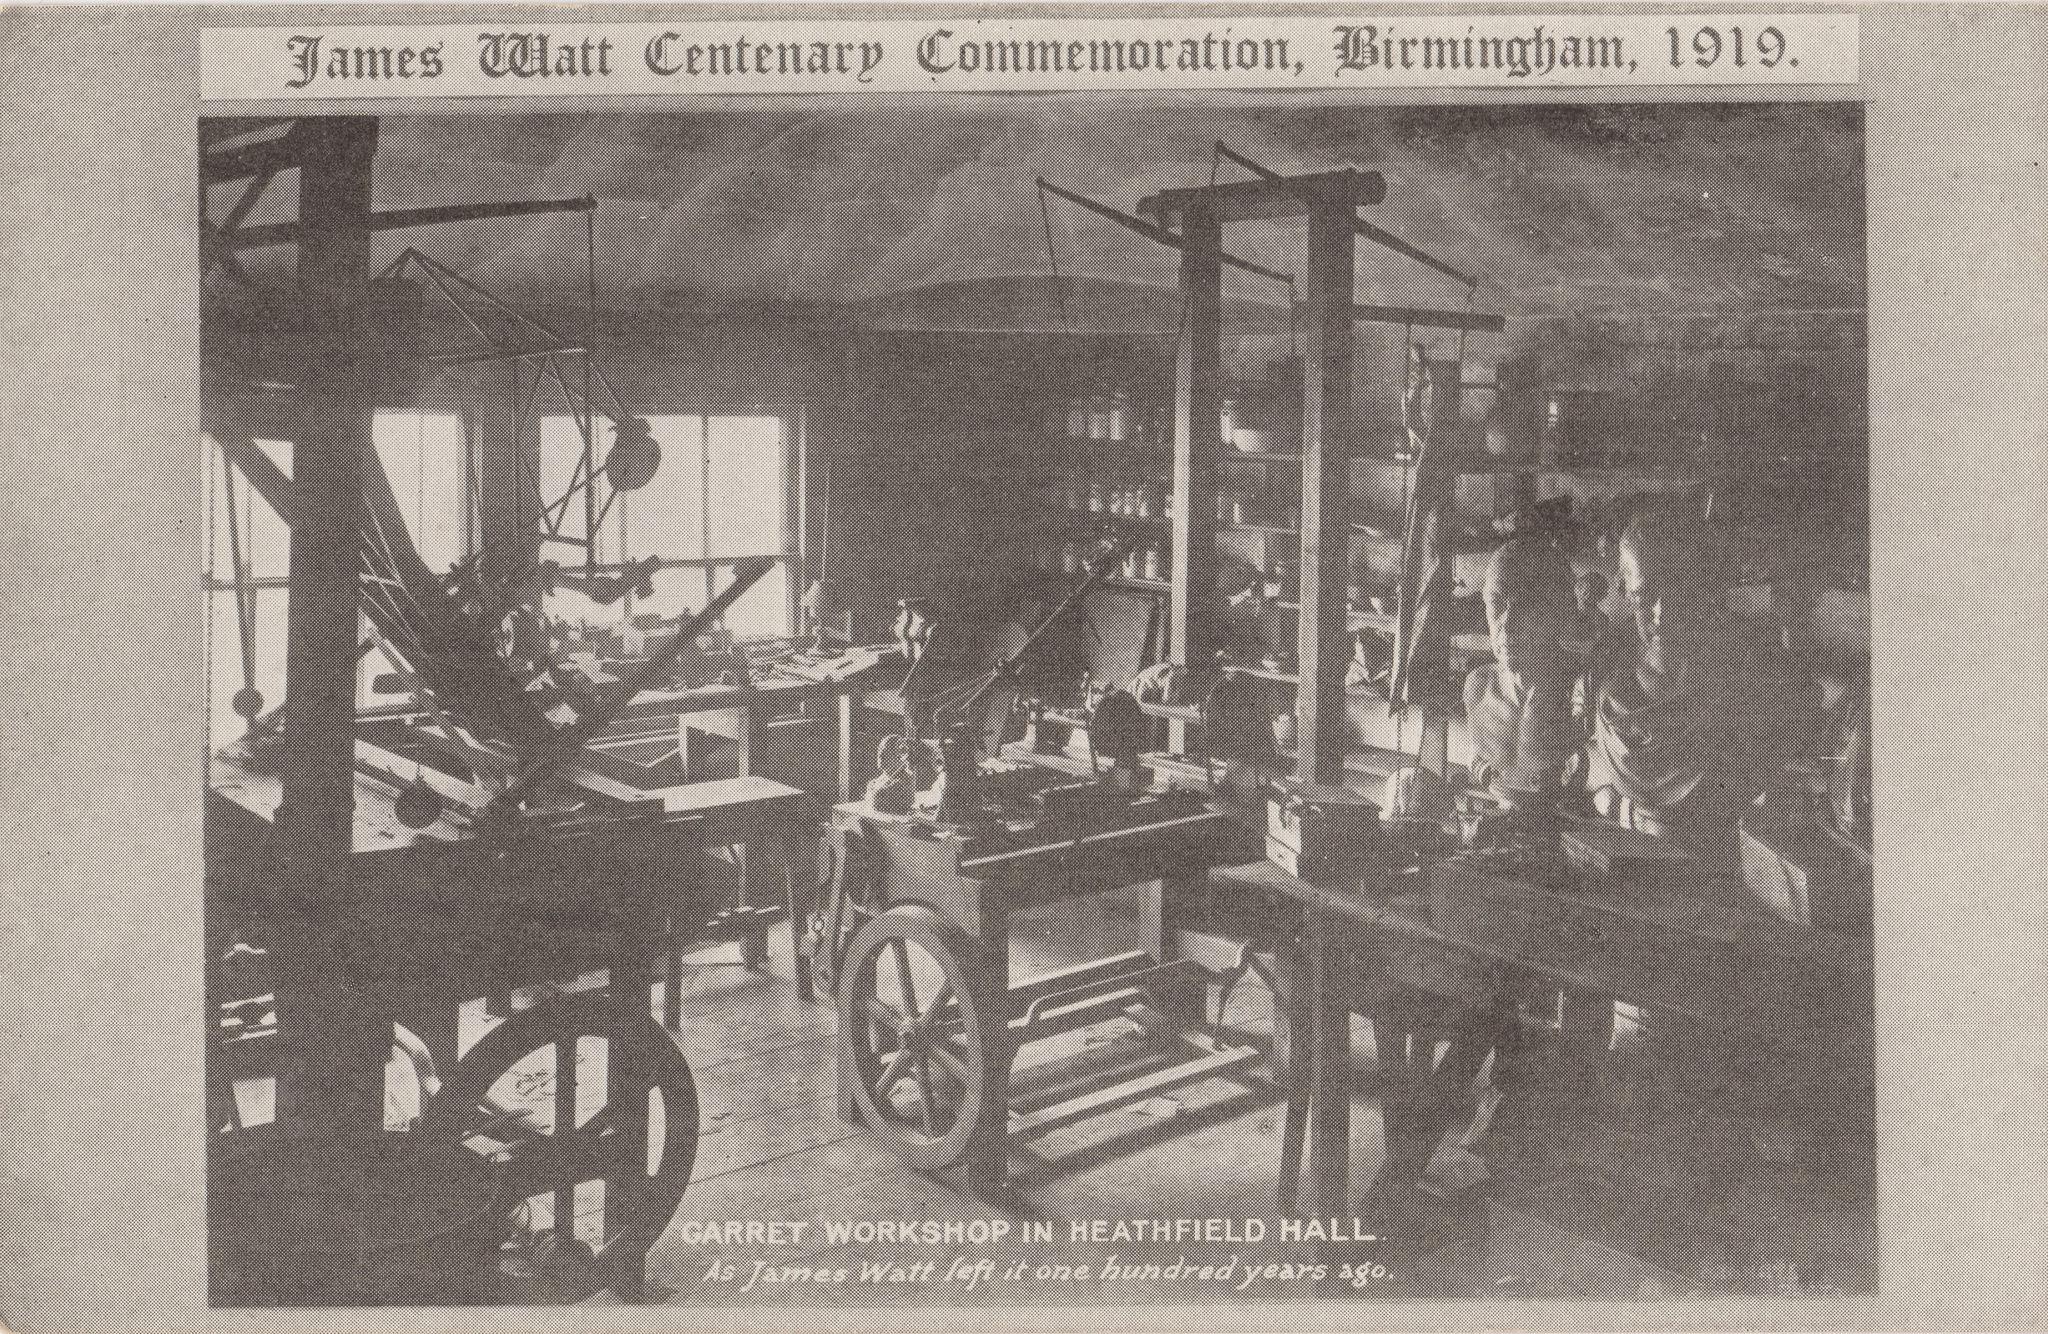 Garret Workshop in Heathfield Hall